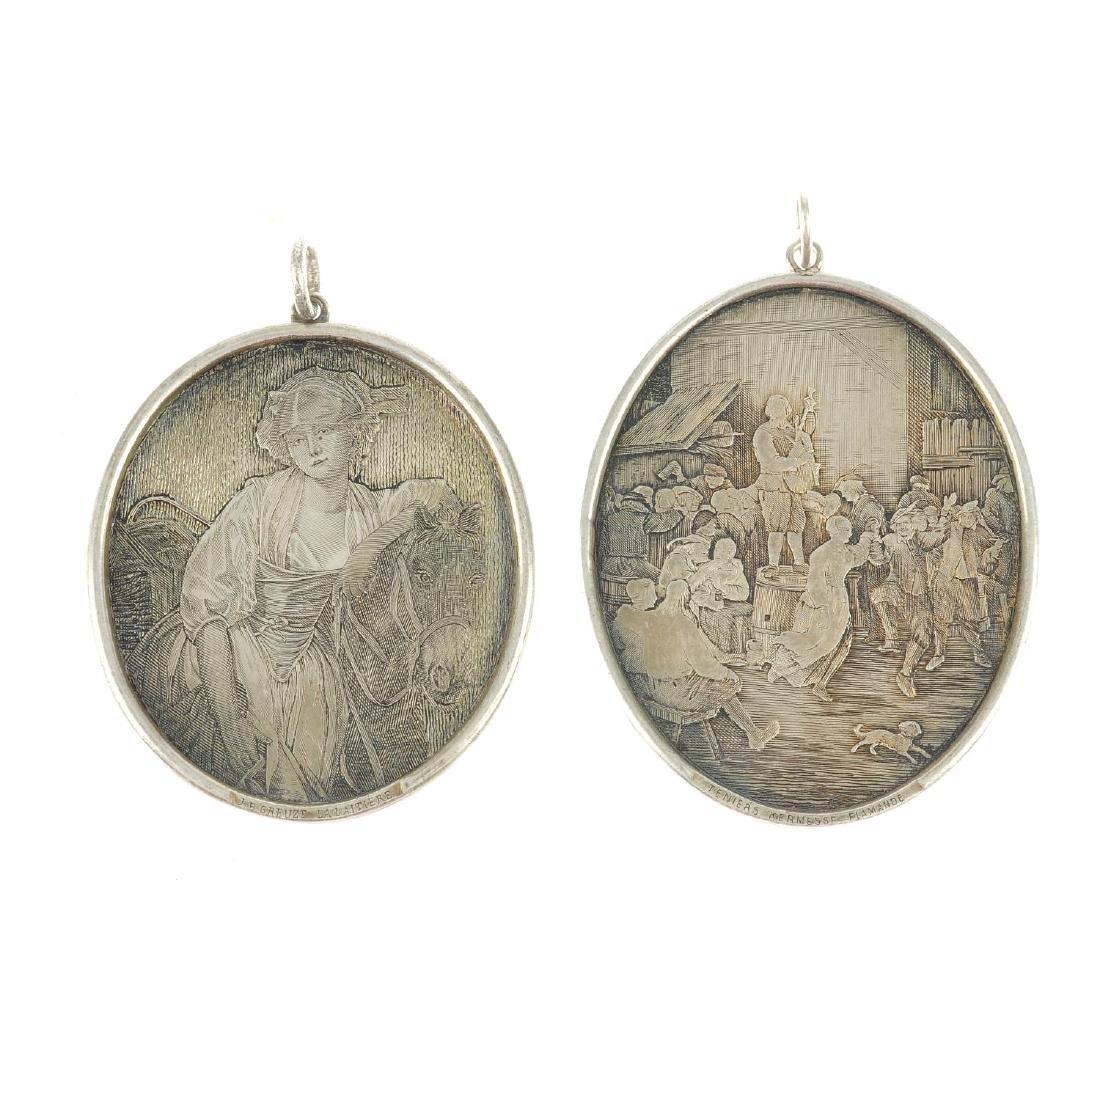 Two engraved plaque pendants depicting famous